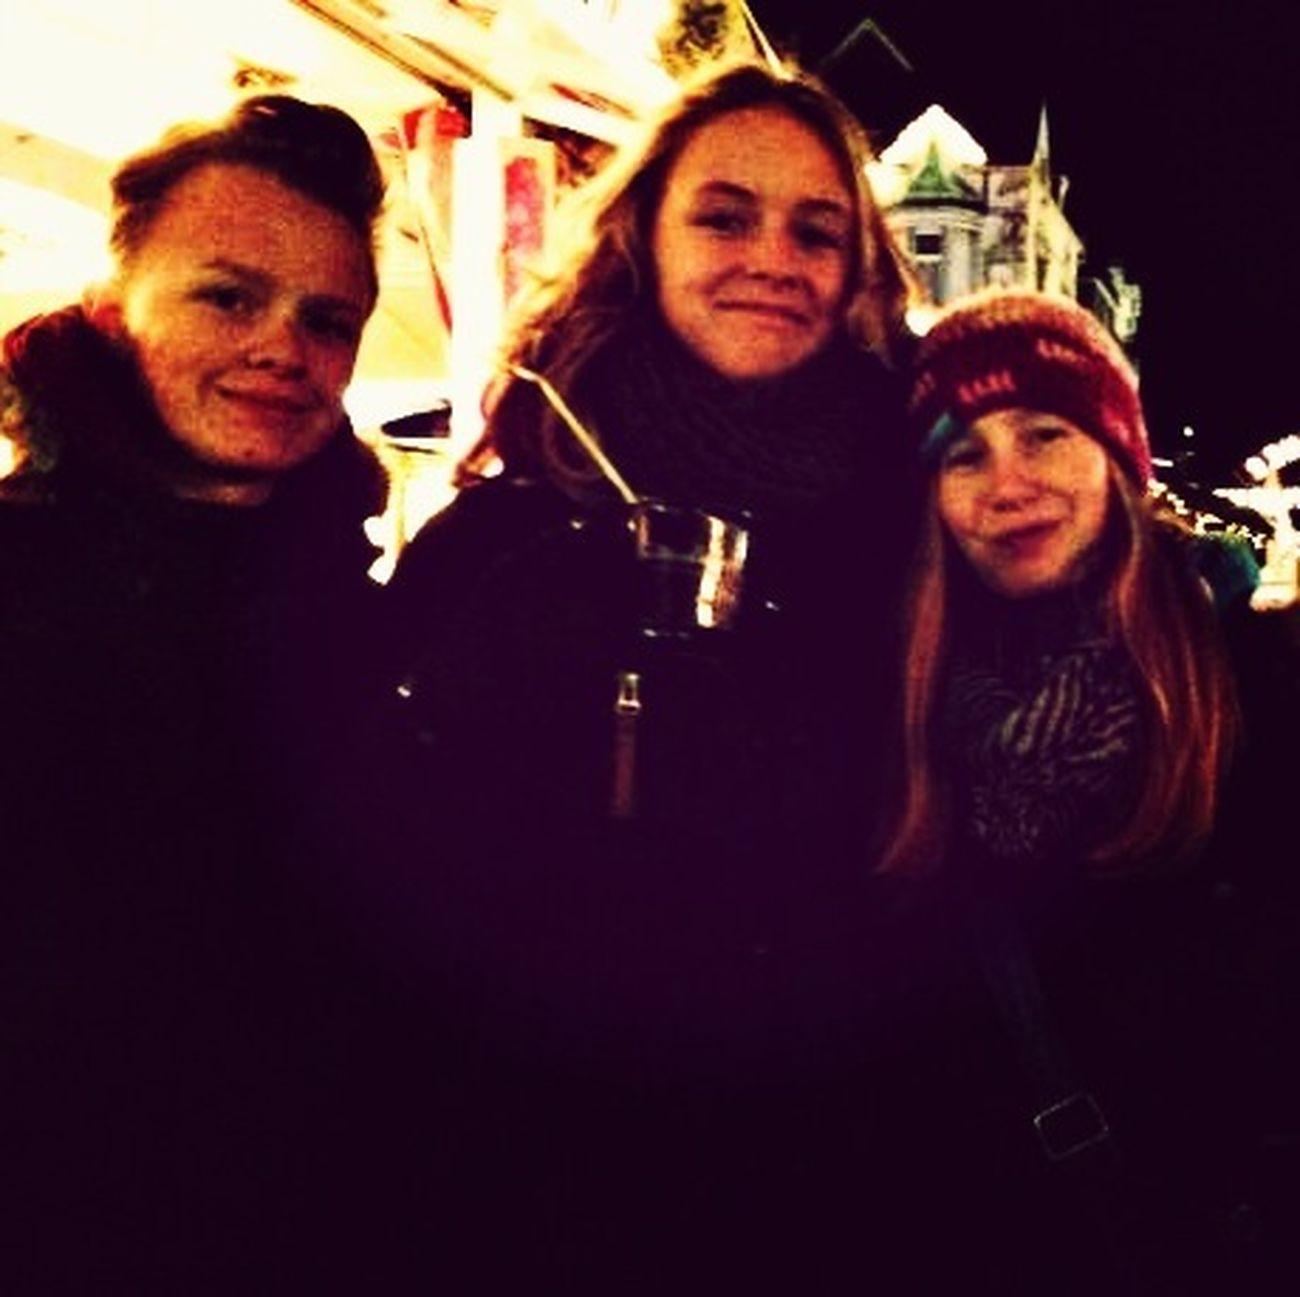 Weihnachtsmarkt in gt ;) hat Spaß gemacht !!!